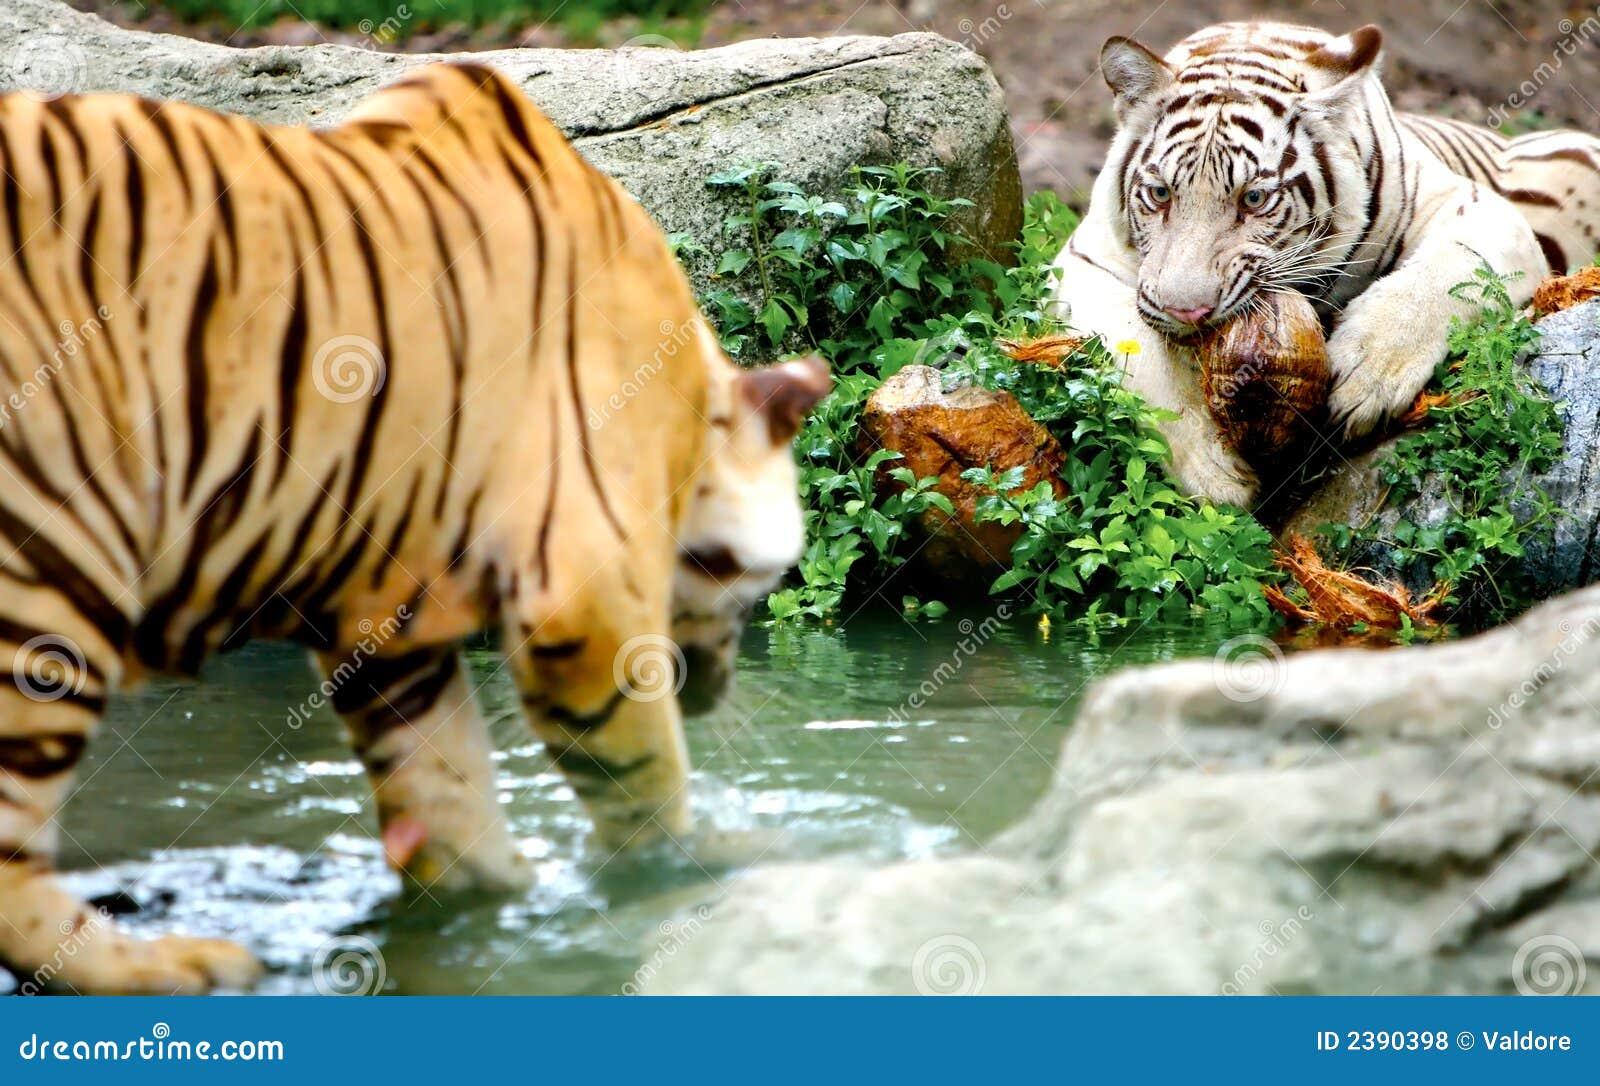 Deux tigres photos libres de droits image 2390398 - Images tigres gratuites ...